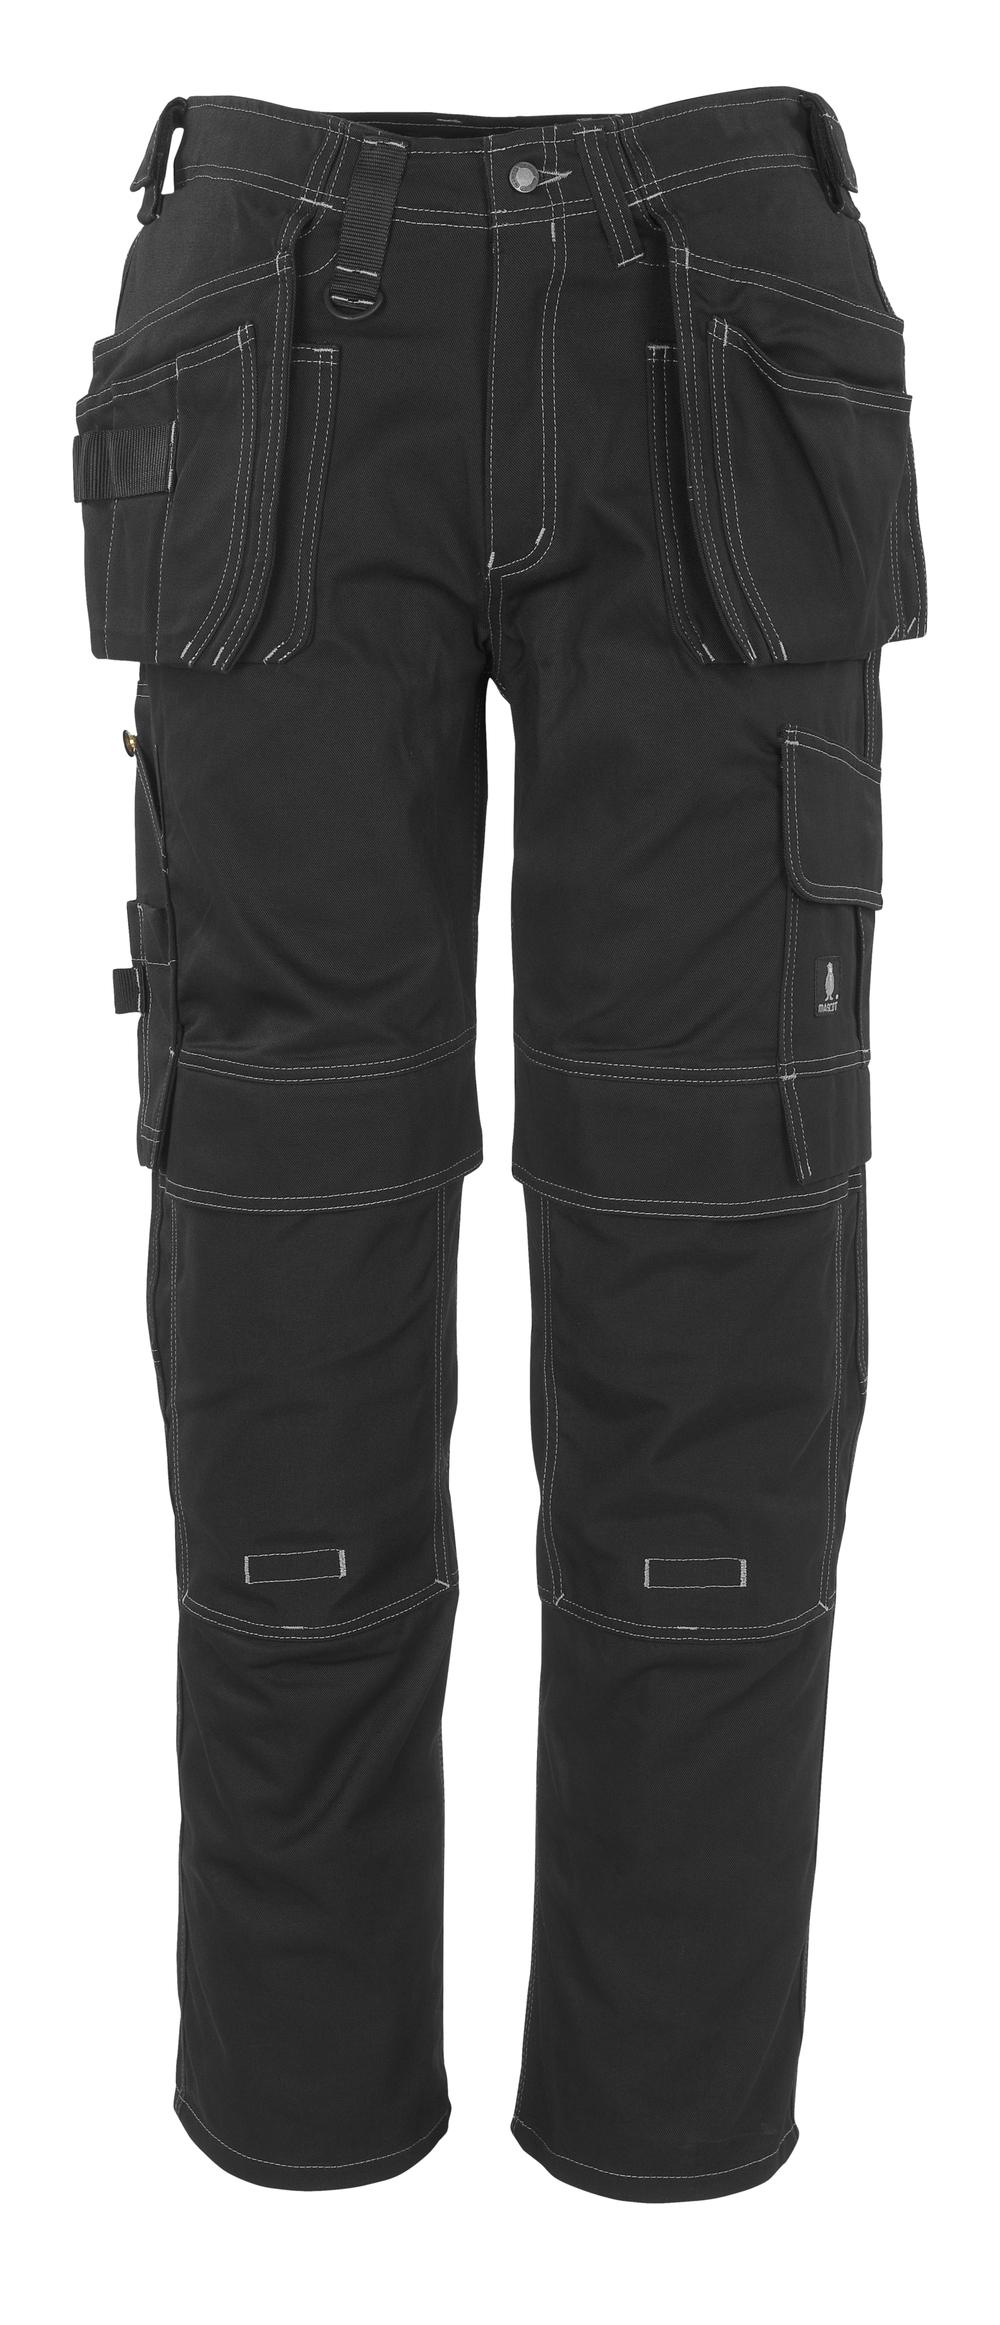 06131-630-09 Bukser med kne- og hengelommer - svart